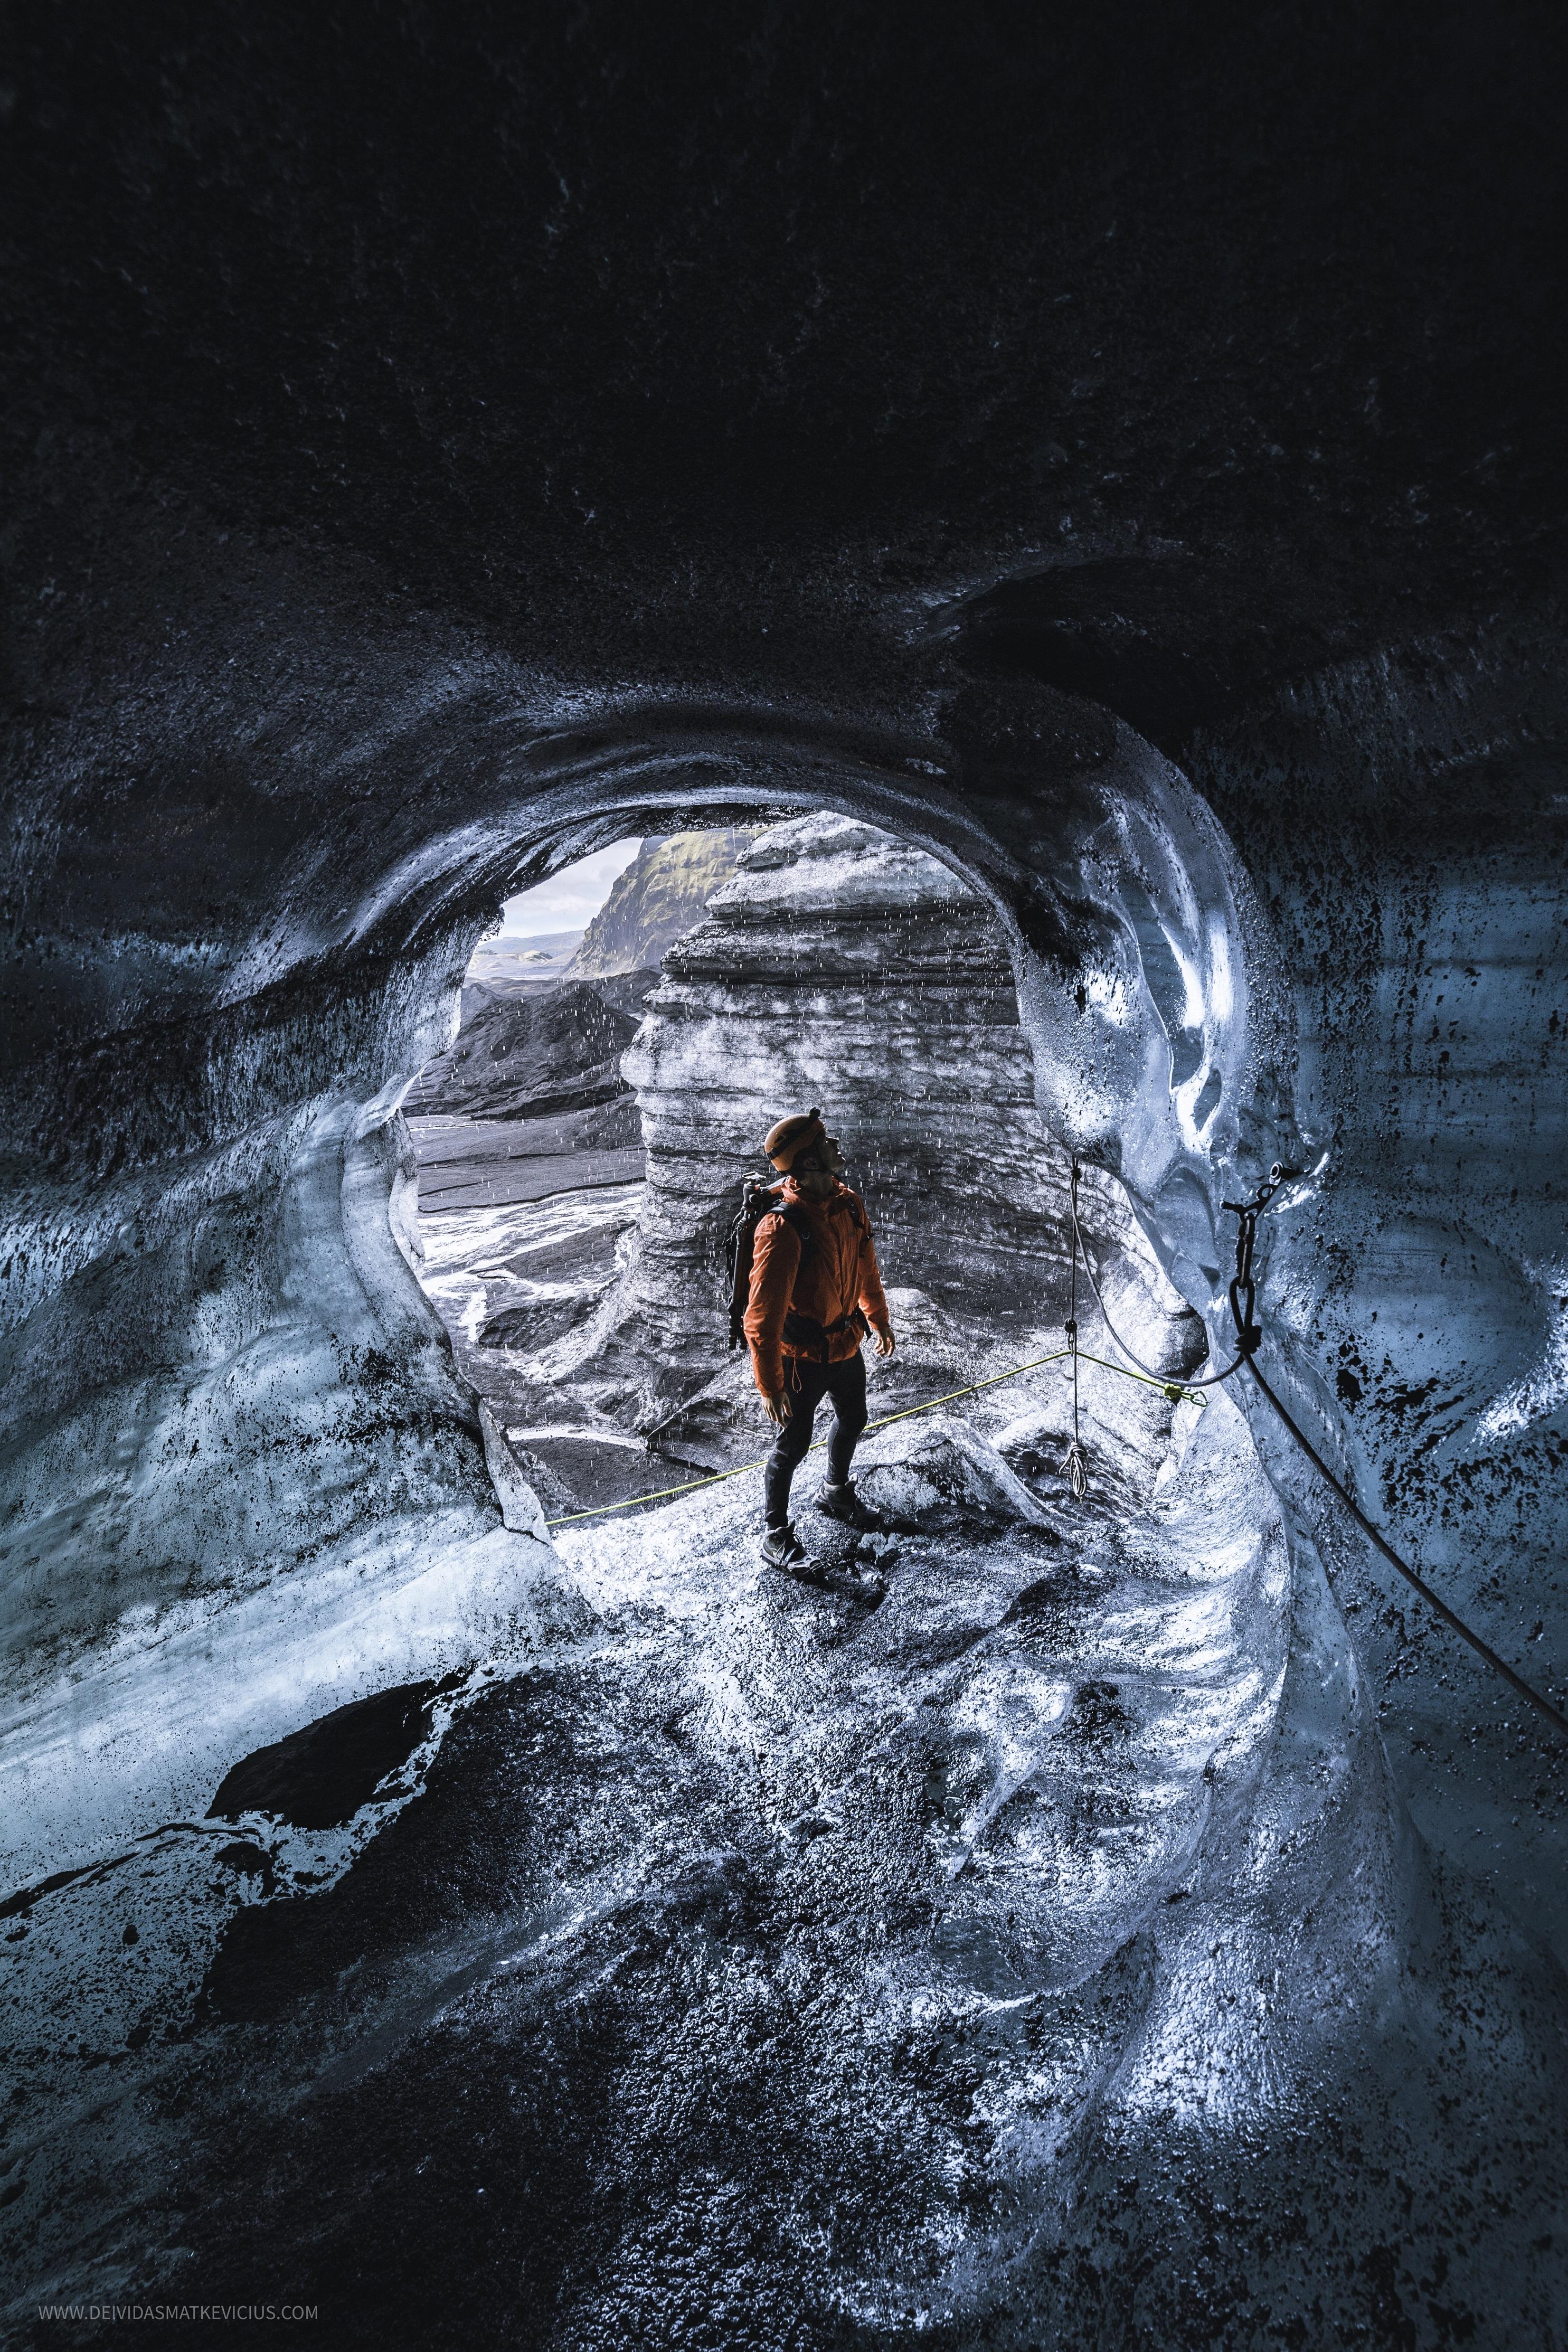 Jaskinia lodowa Katla znajduje się w lodowcu Mýrdalsjökull, czwartej co do wielkości czapie lodowej na Islandii.